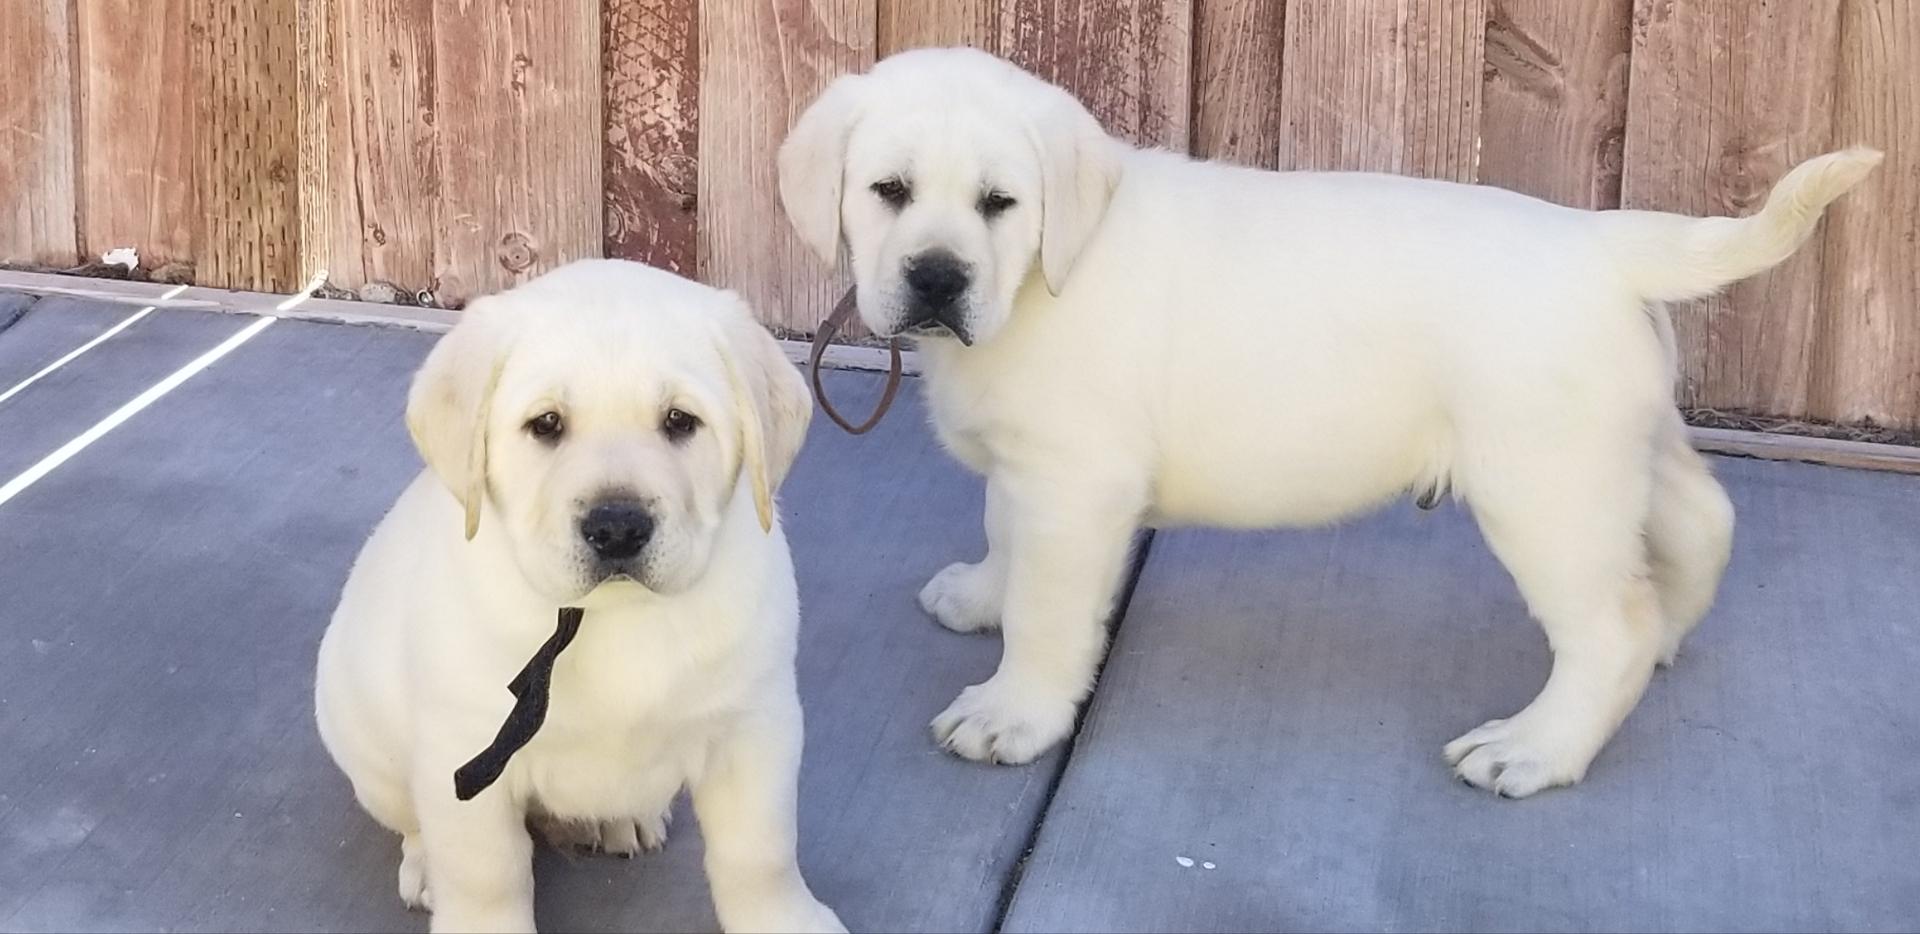 Labrador Puppies - Labs4ever Labradors, yellow labrador puppies